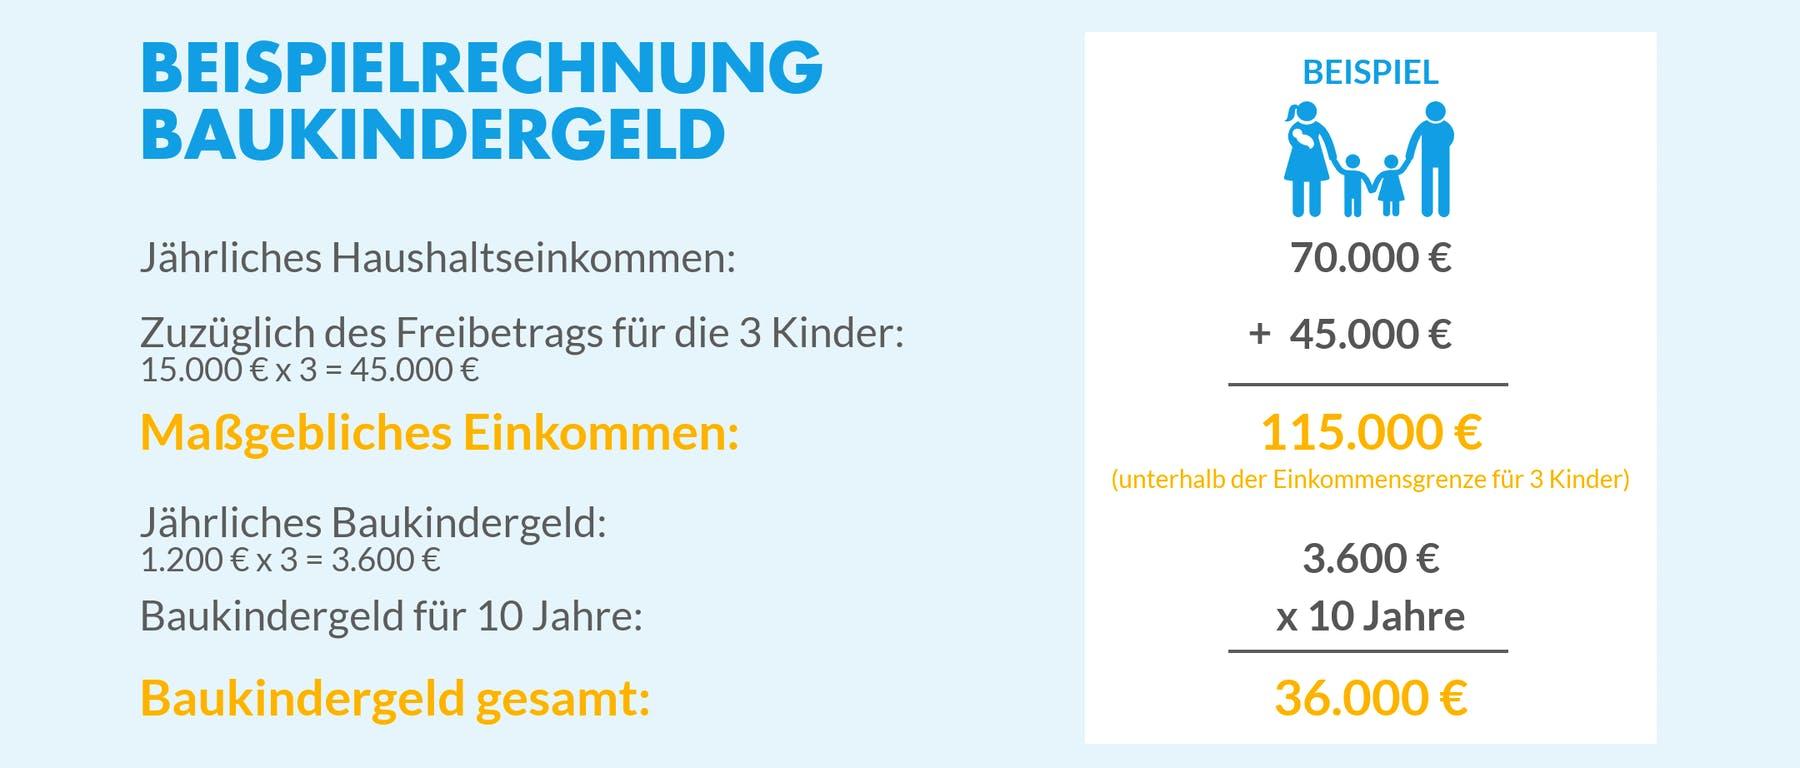 Infografik mit Beispielrechnung zum Baukindergeld